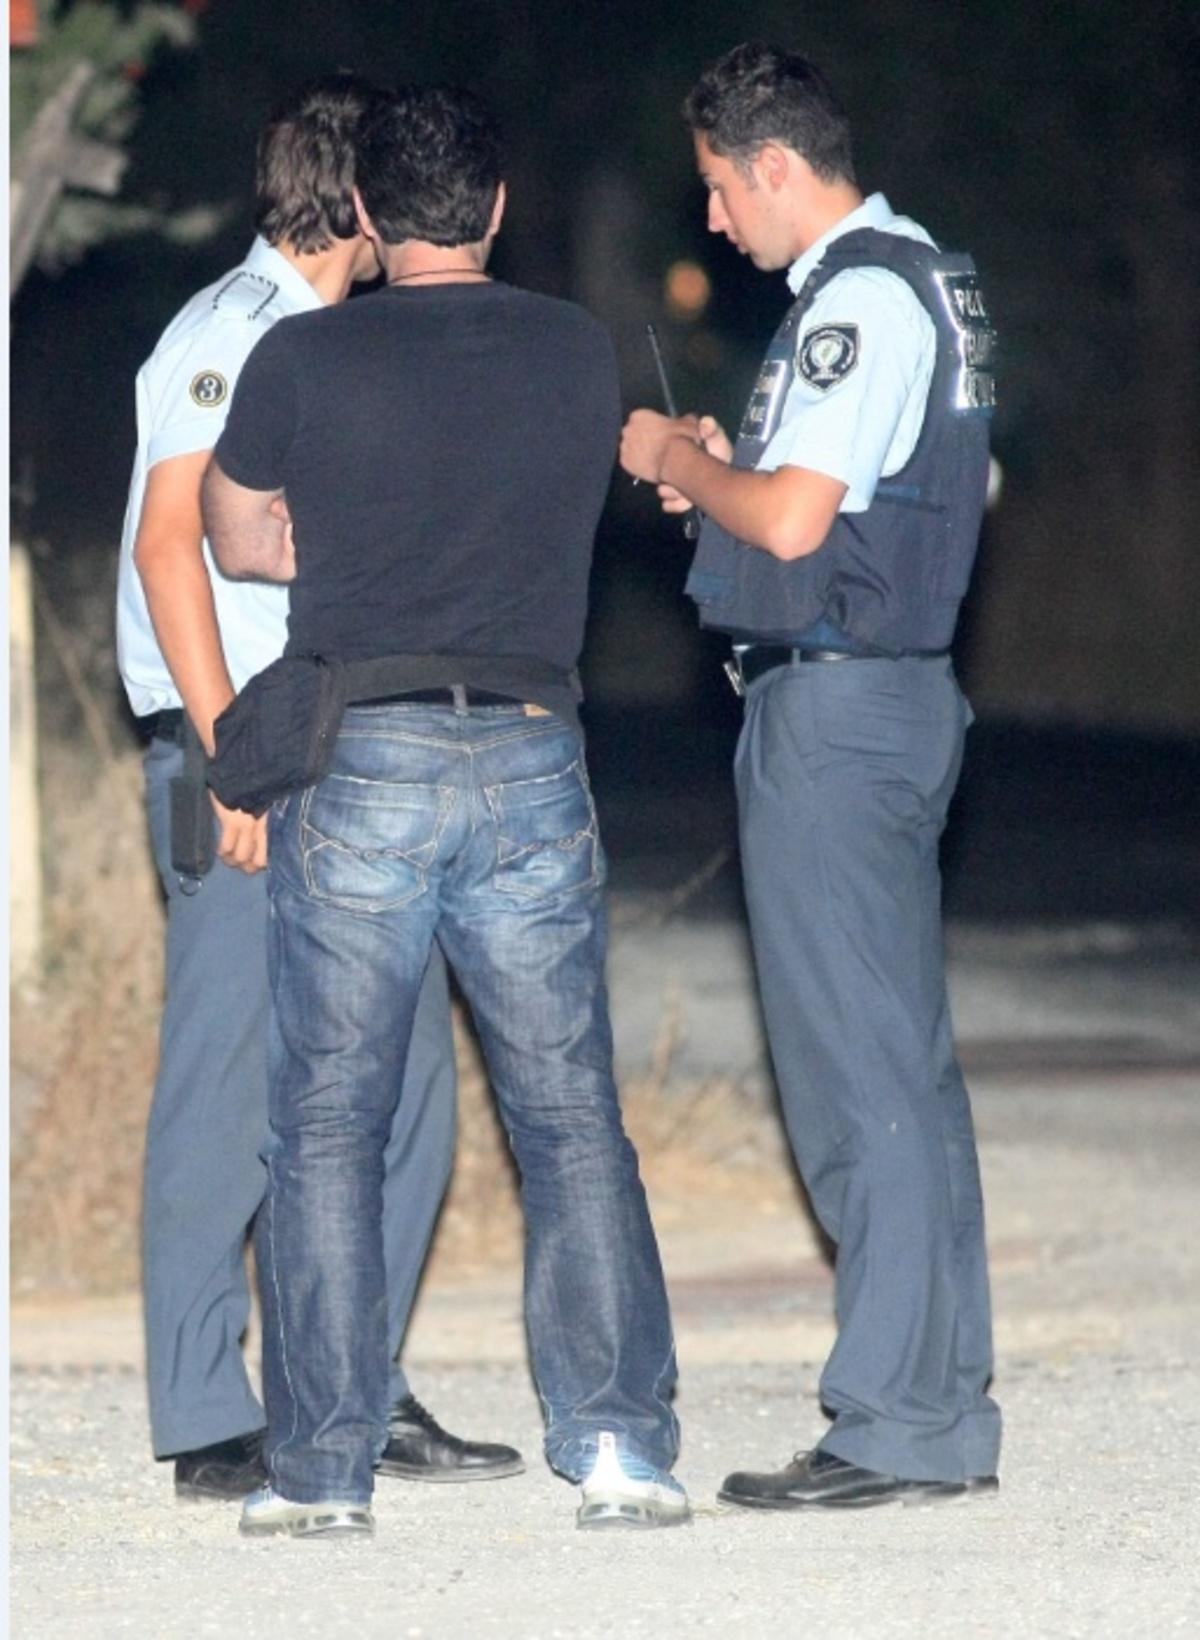 Κορινθία: Πήγαν να πουλήσουν χασίς σε αστυνομικό! | Newsit.gr